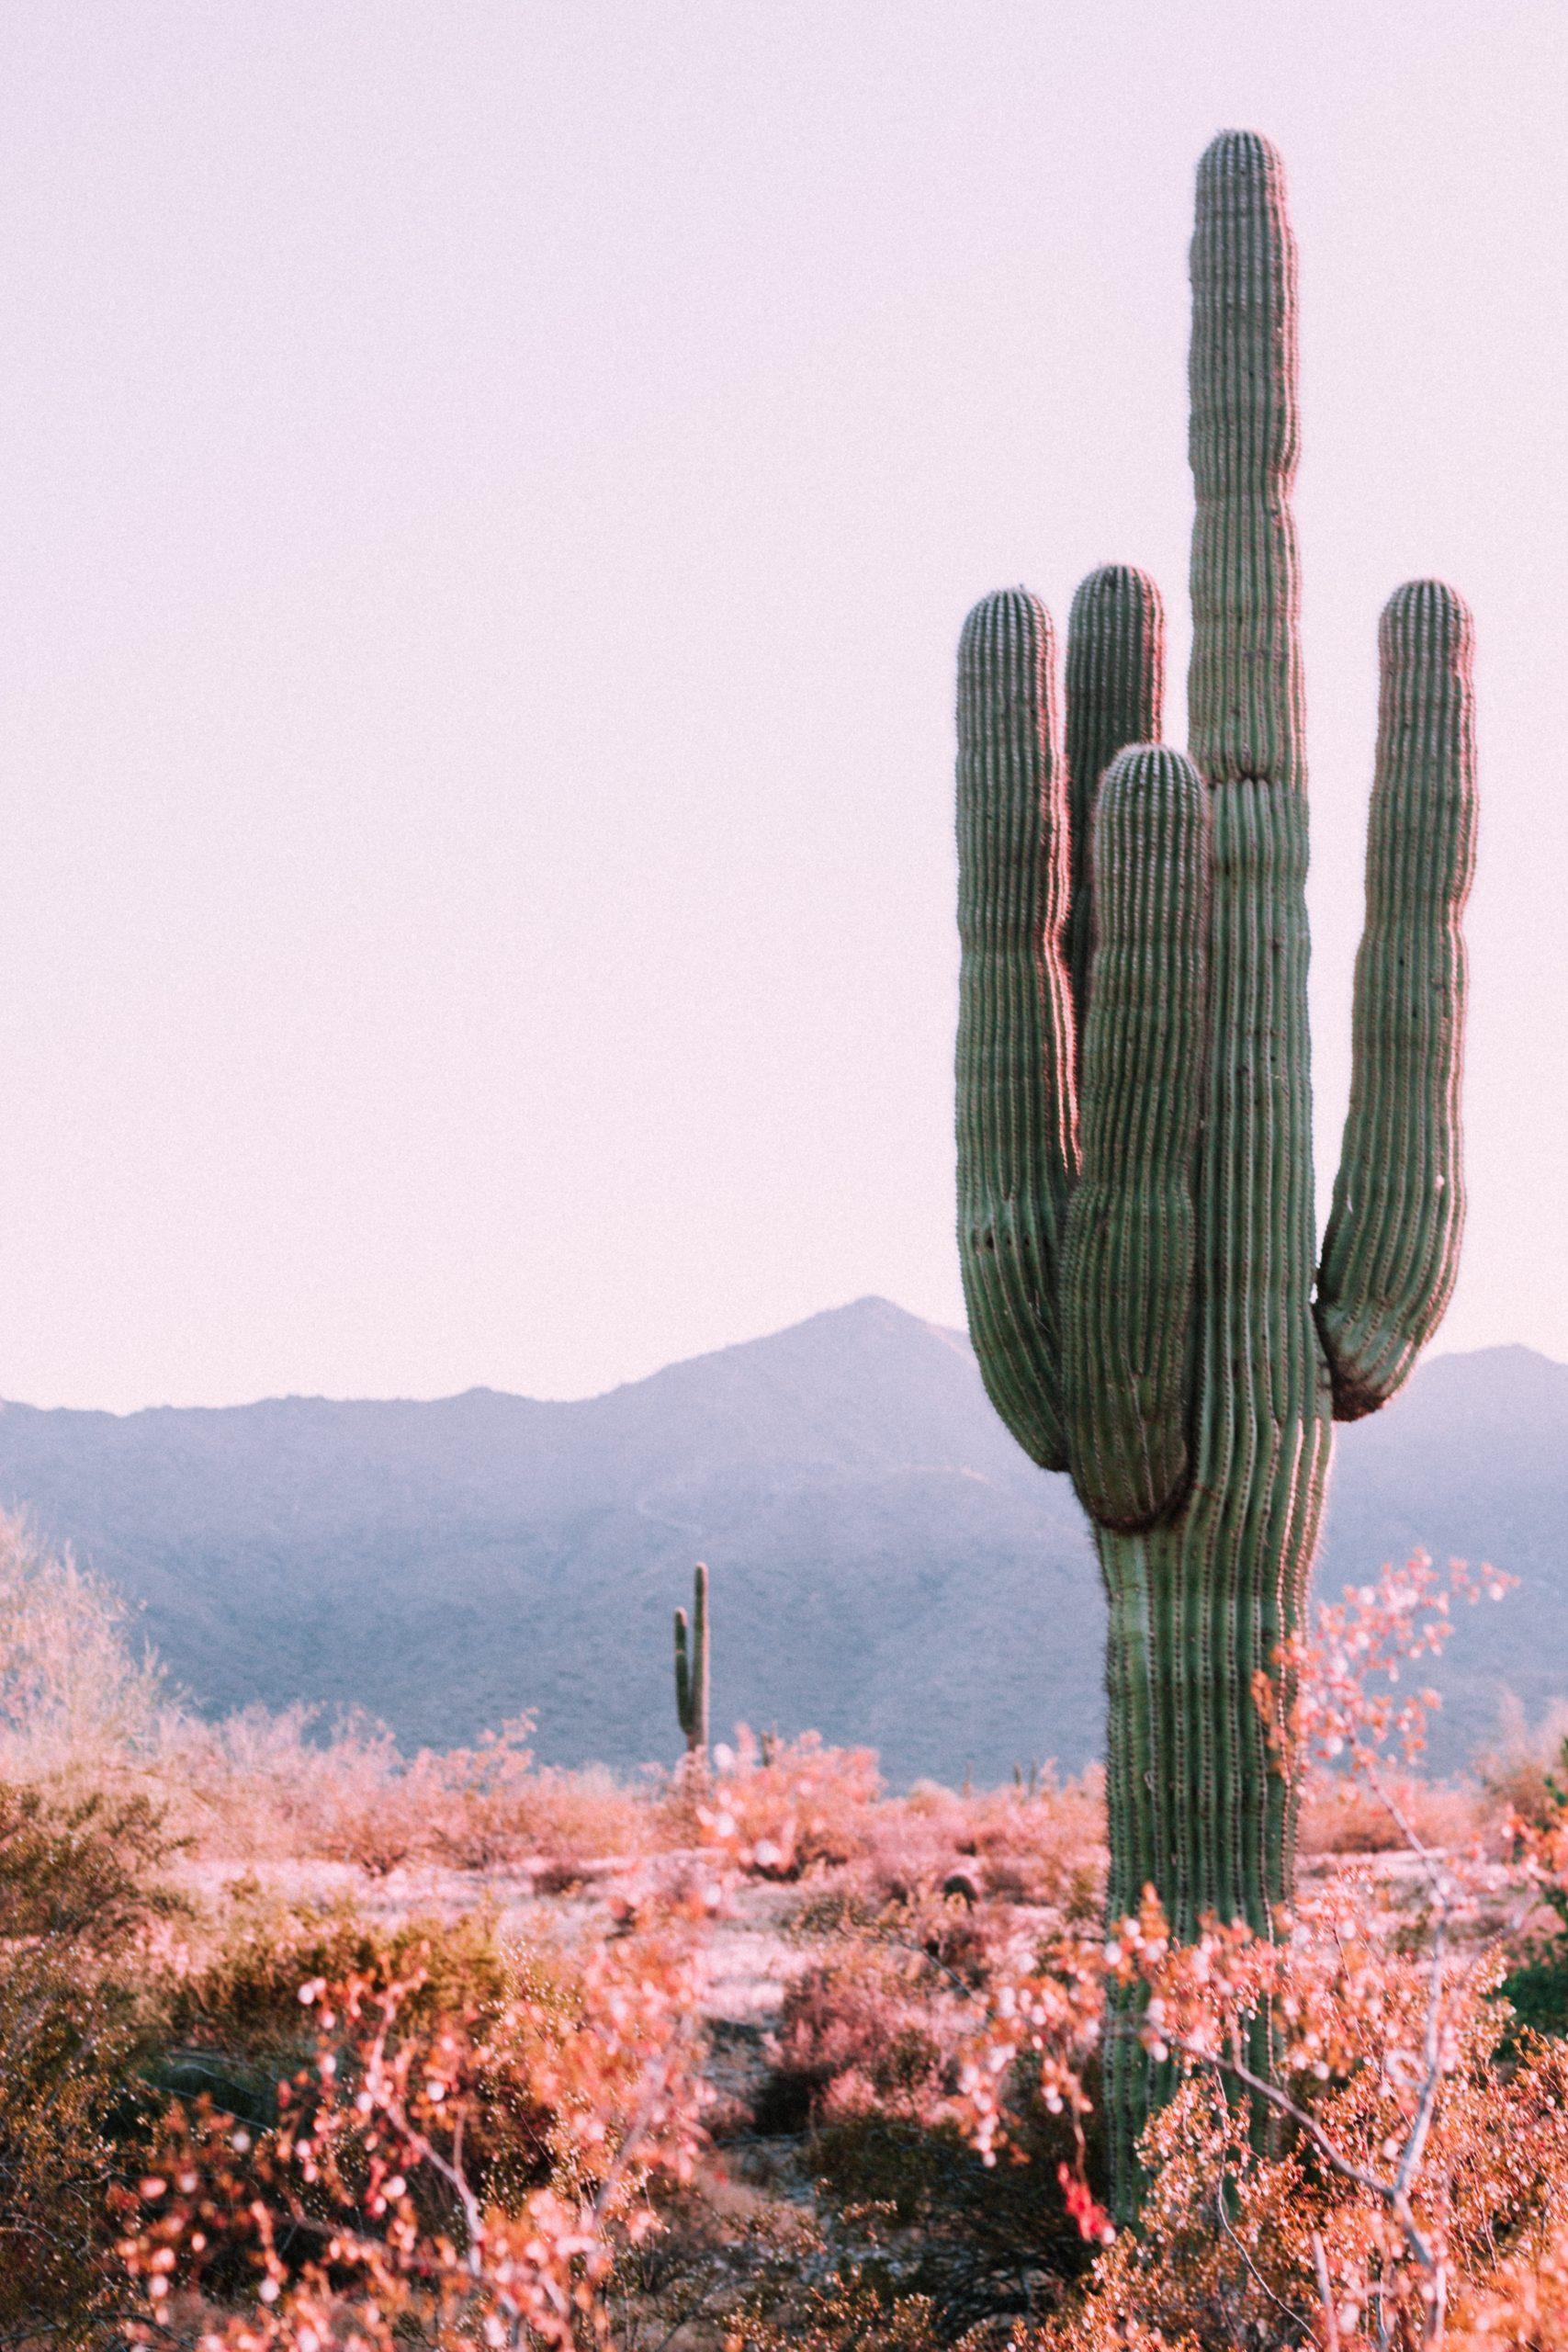 spring cactus in arizona